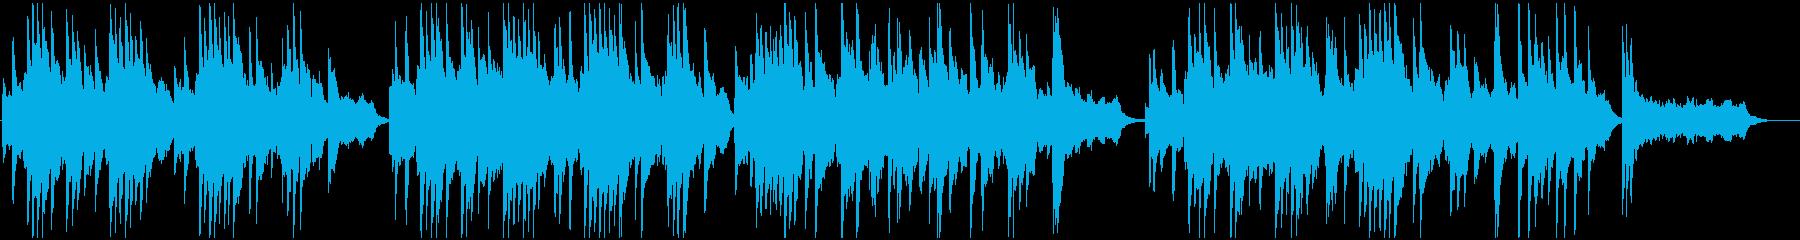 ゆったりとした明るいサウンドの再生済みの波形